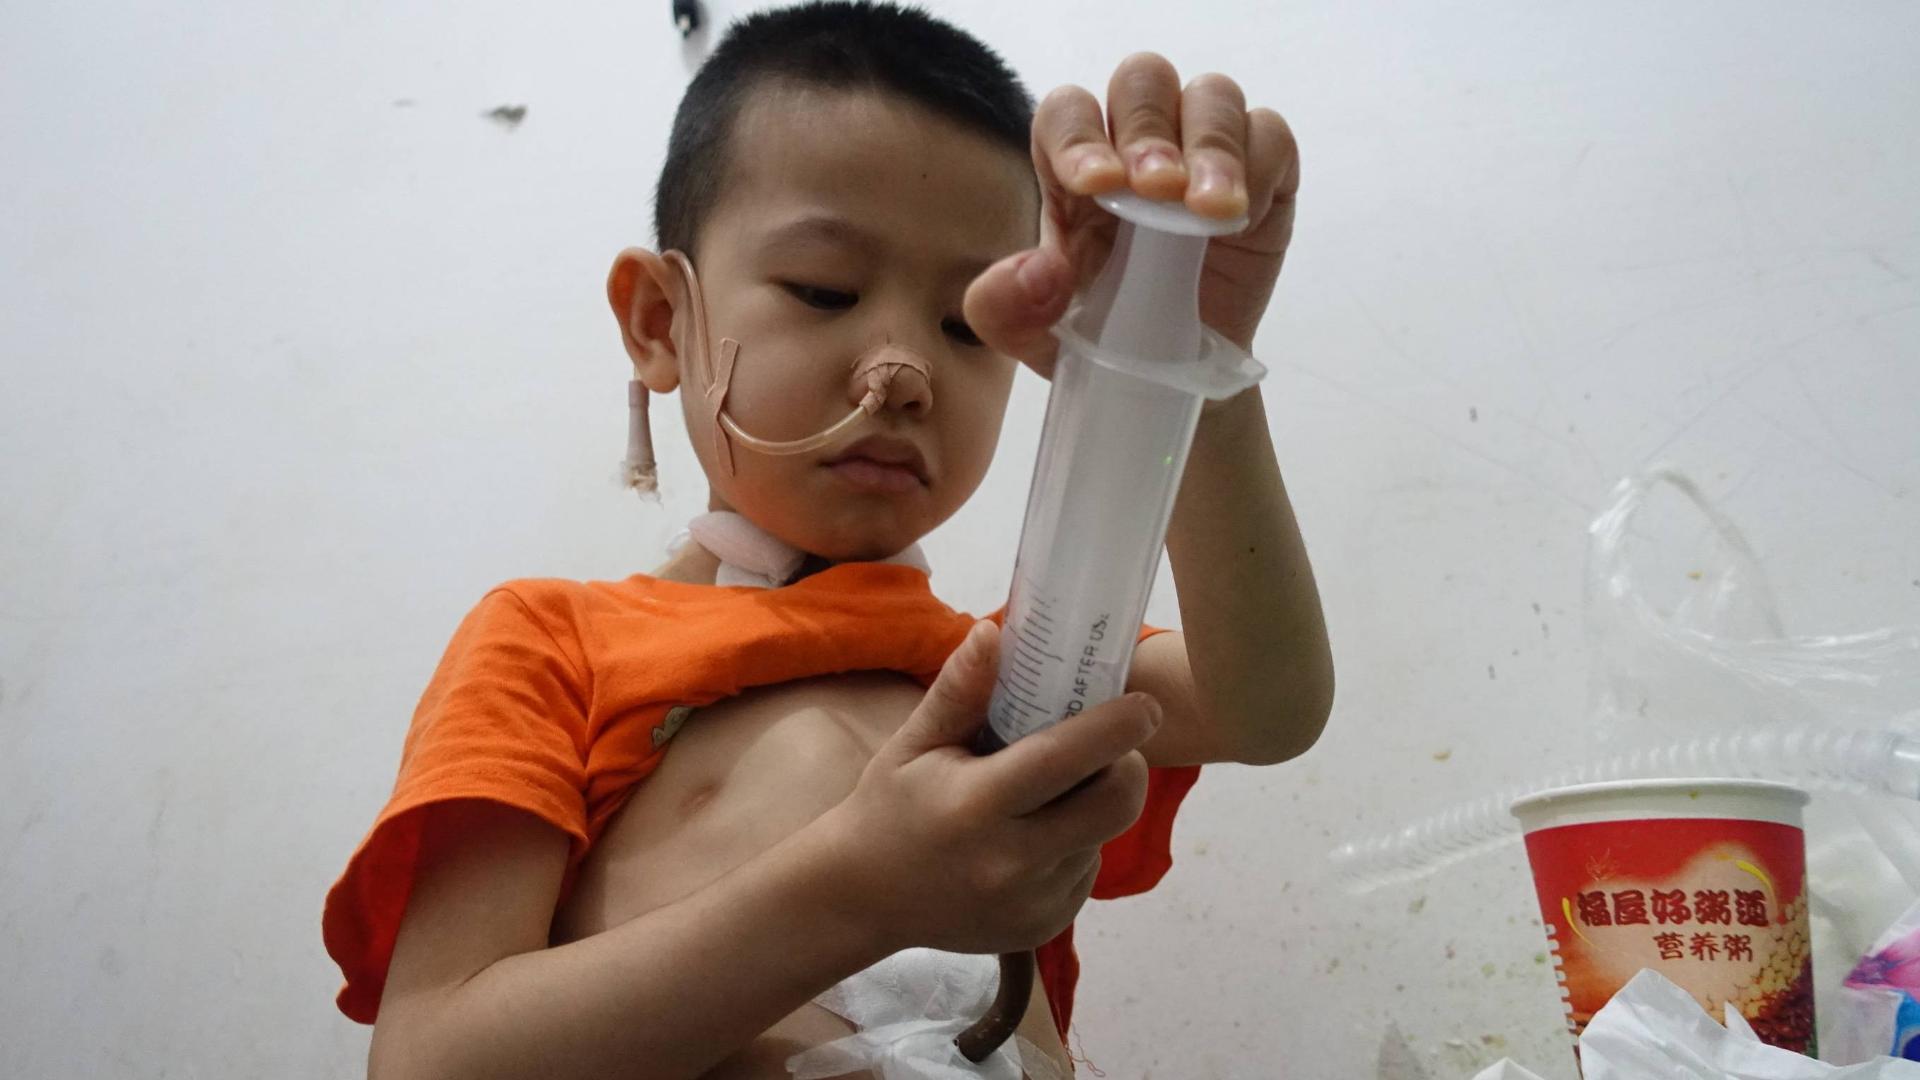 6岁娃误食高锰酸钾烧伤食道,为吃饱自己用针管往胃里打食